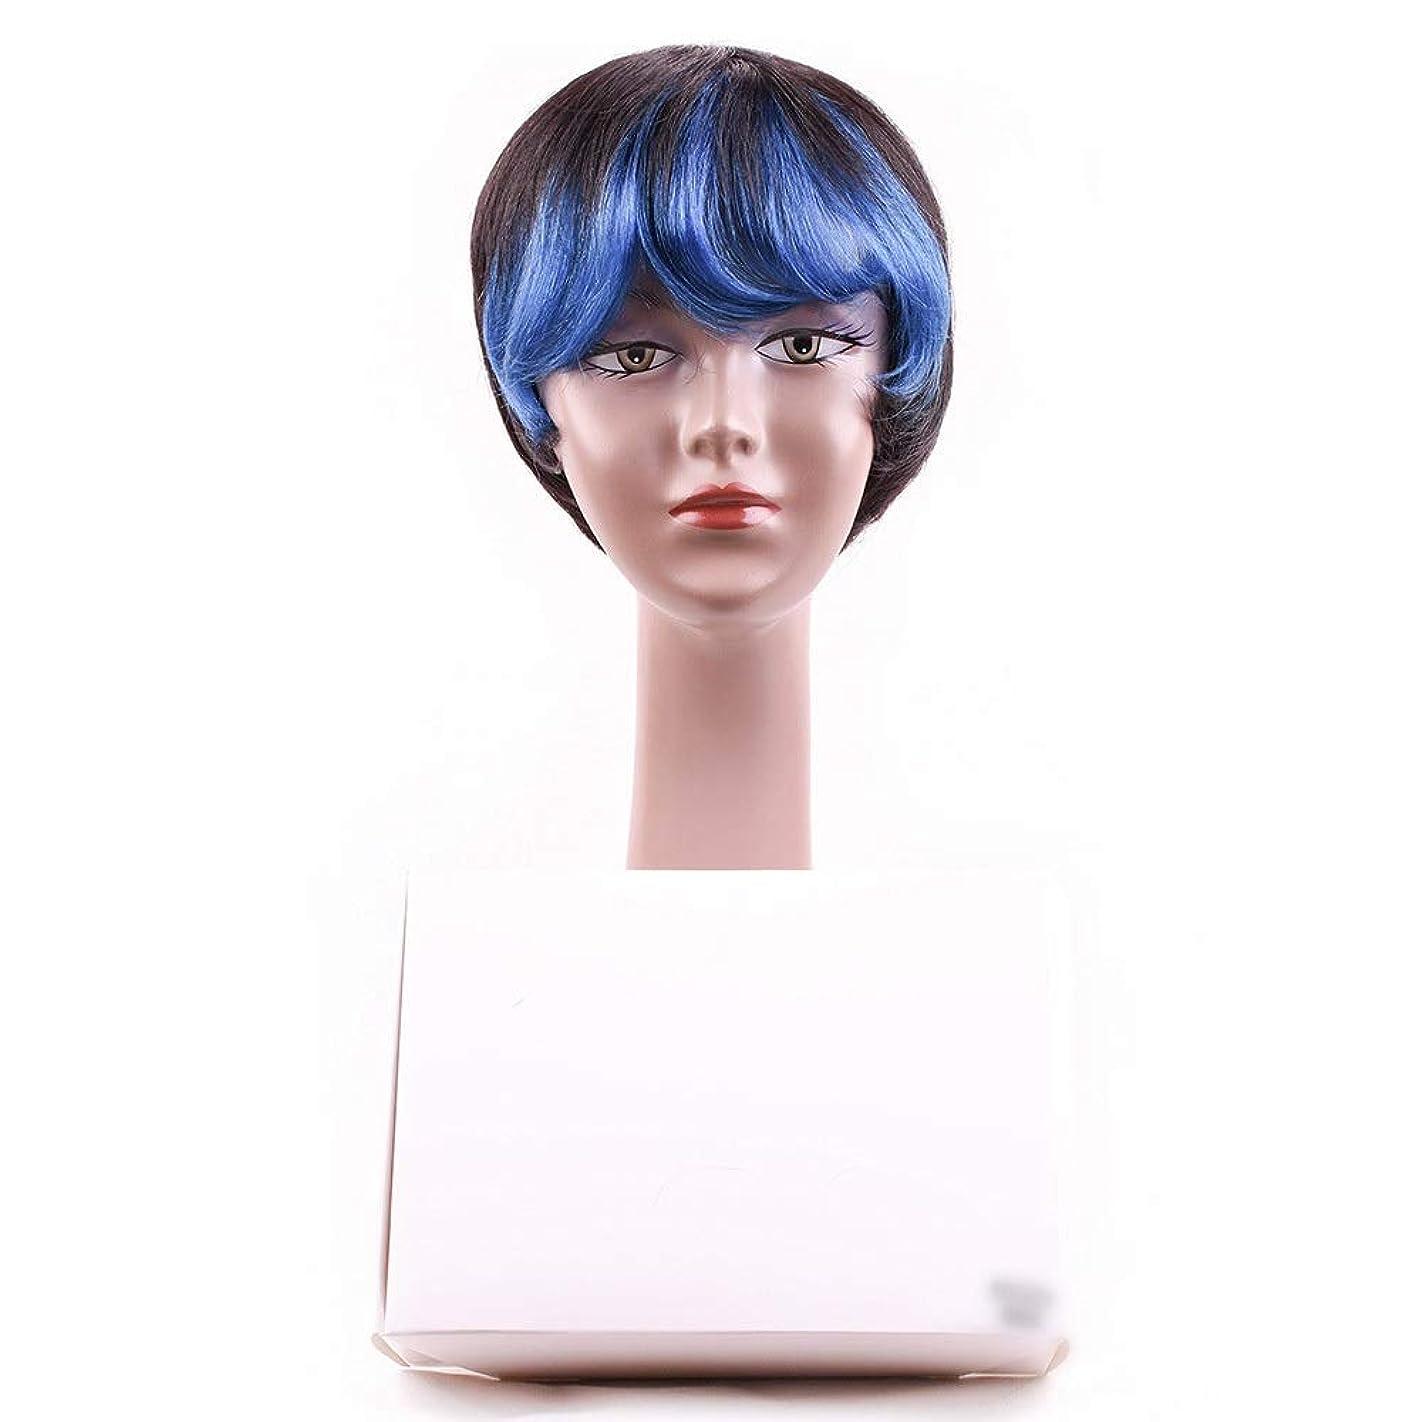 品ぼかし考古学的なMayalina 女性の人間の髪の毛ショートボブかつら前髪付きかつらコスプレパーティーかつらロールプレイングかつら女性用かつら (色 : 青)